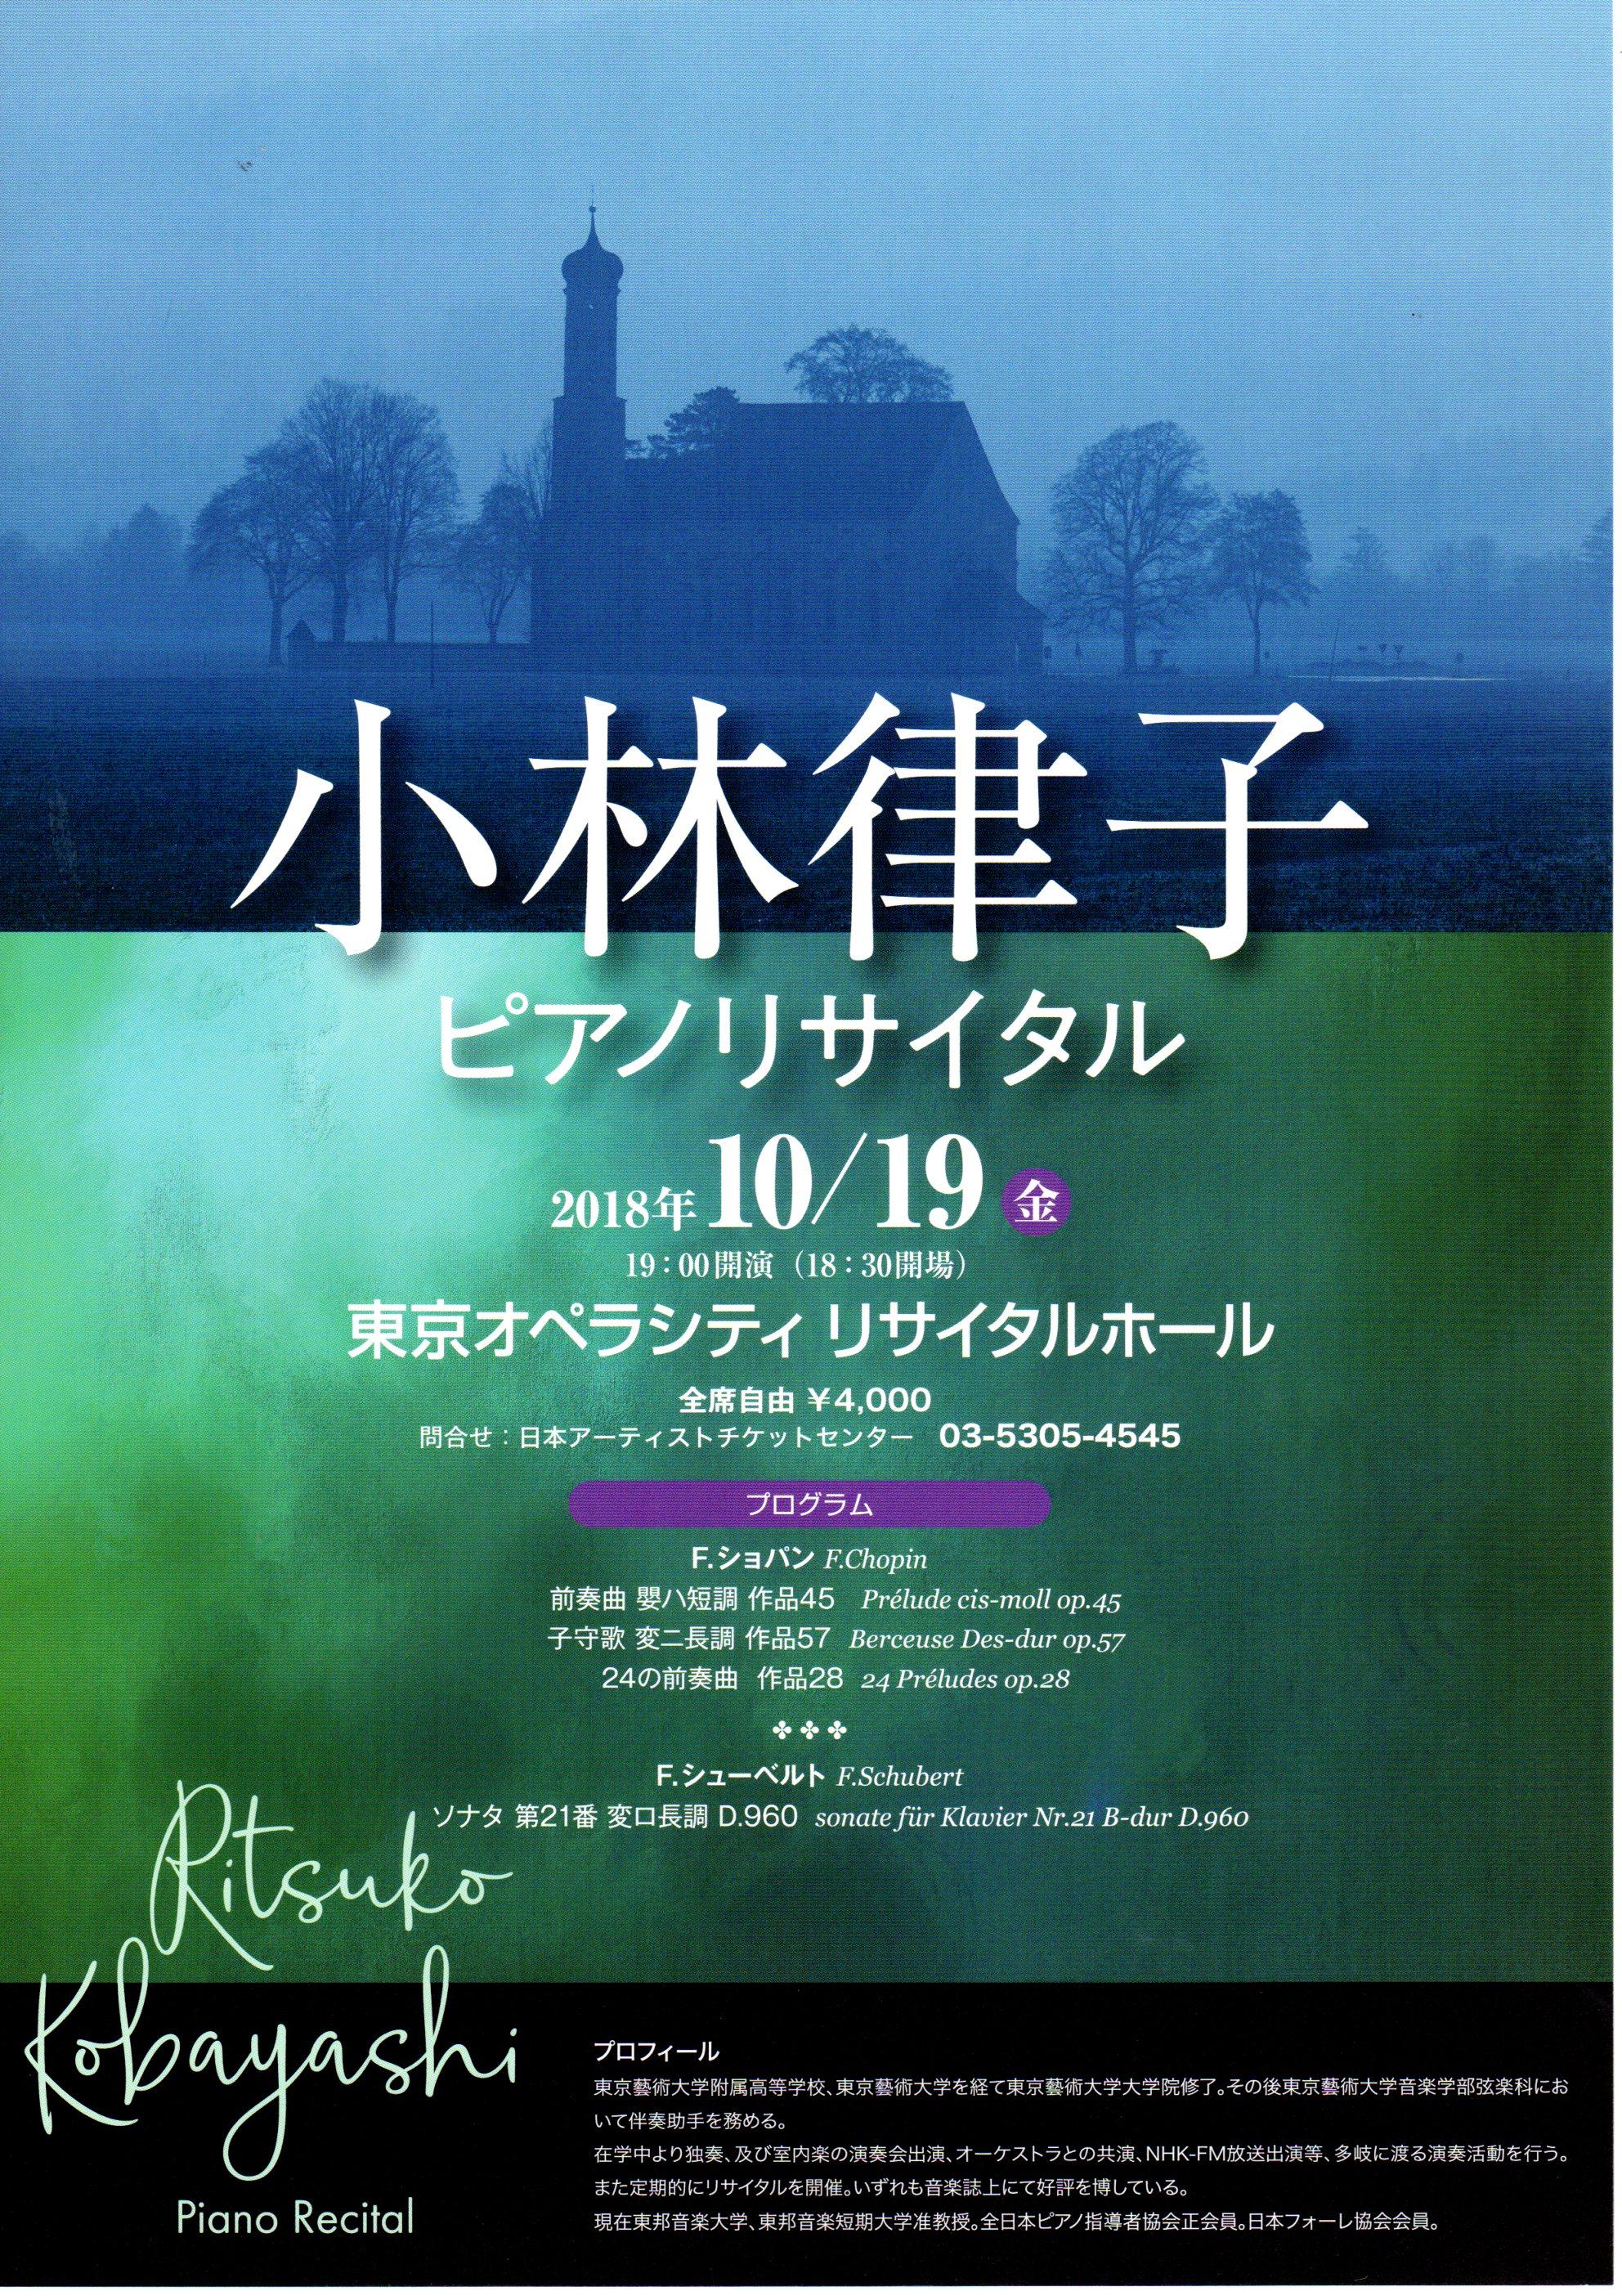 2018年10月19日(金) 小林律子 ピアノリサイタル